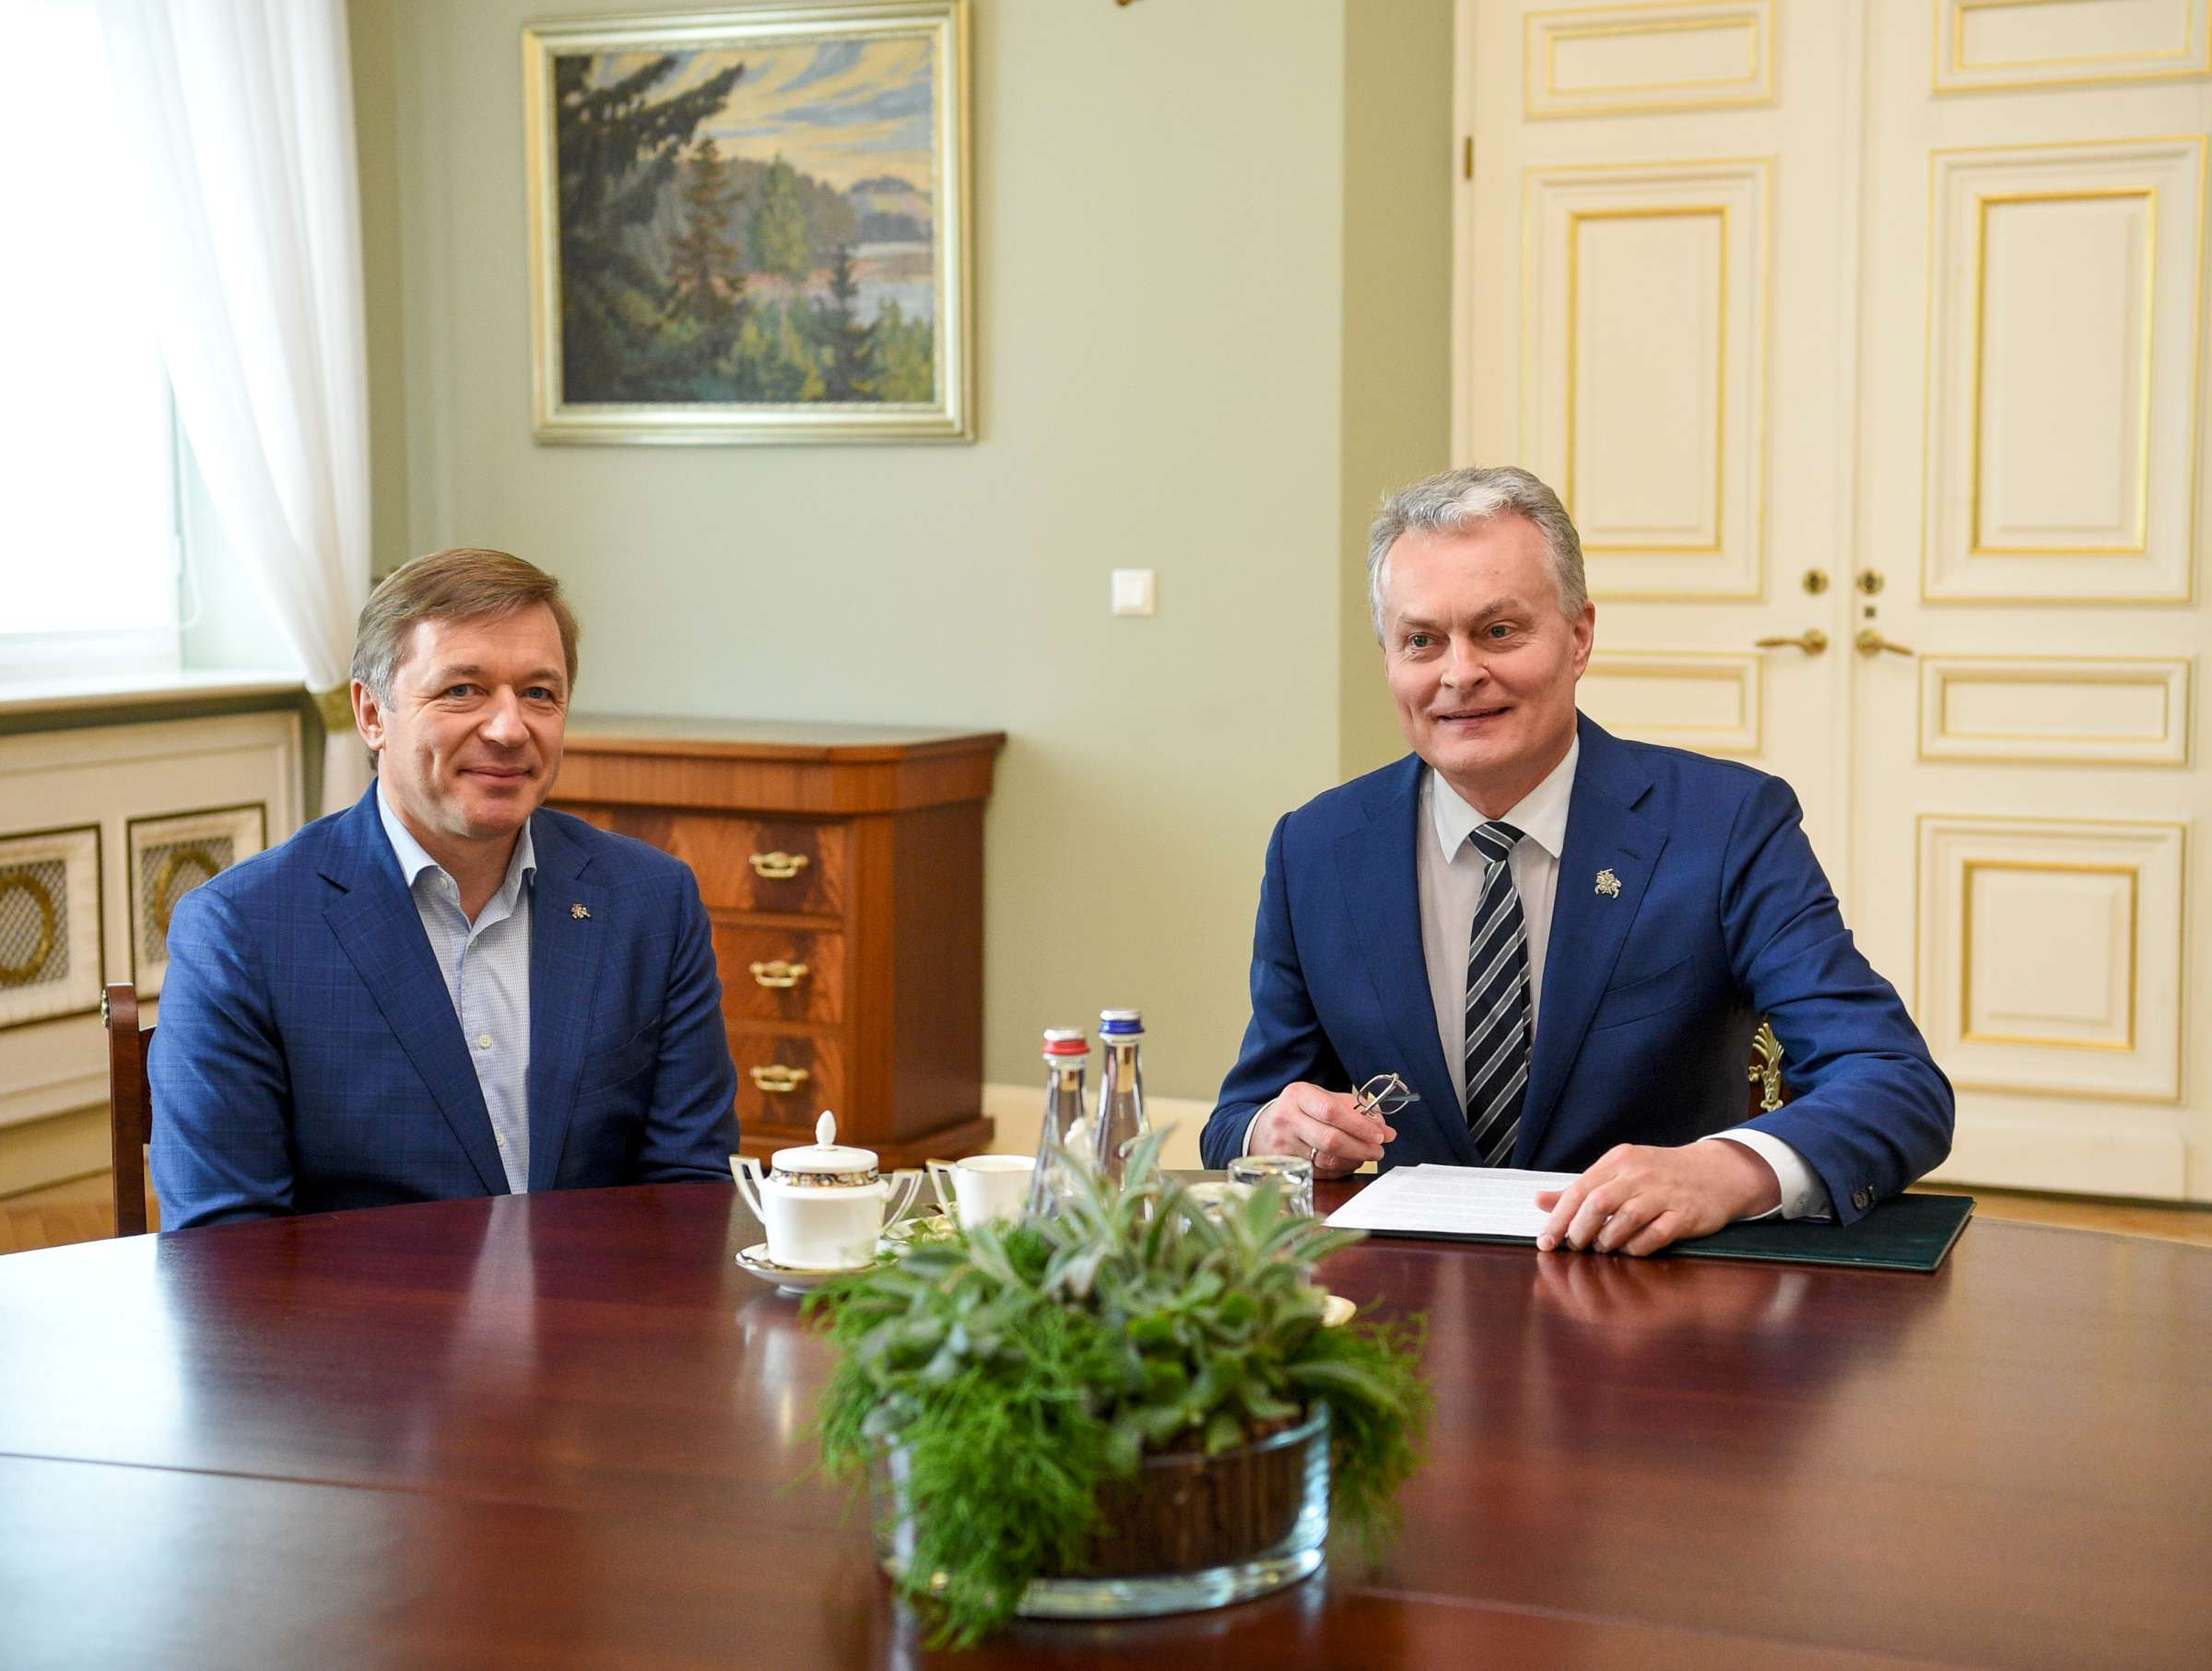 Prezidentas su valdančiųjų vadovu aptarė ateities darbus | lrs.lt, R. Dačkaus nuotr.